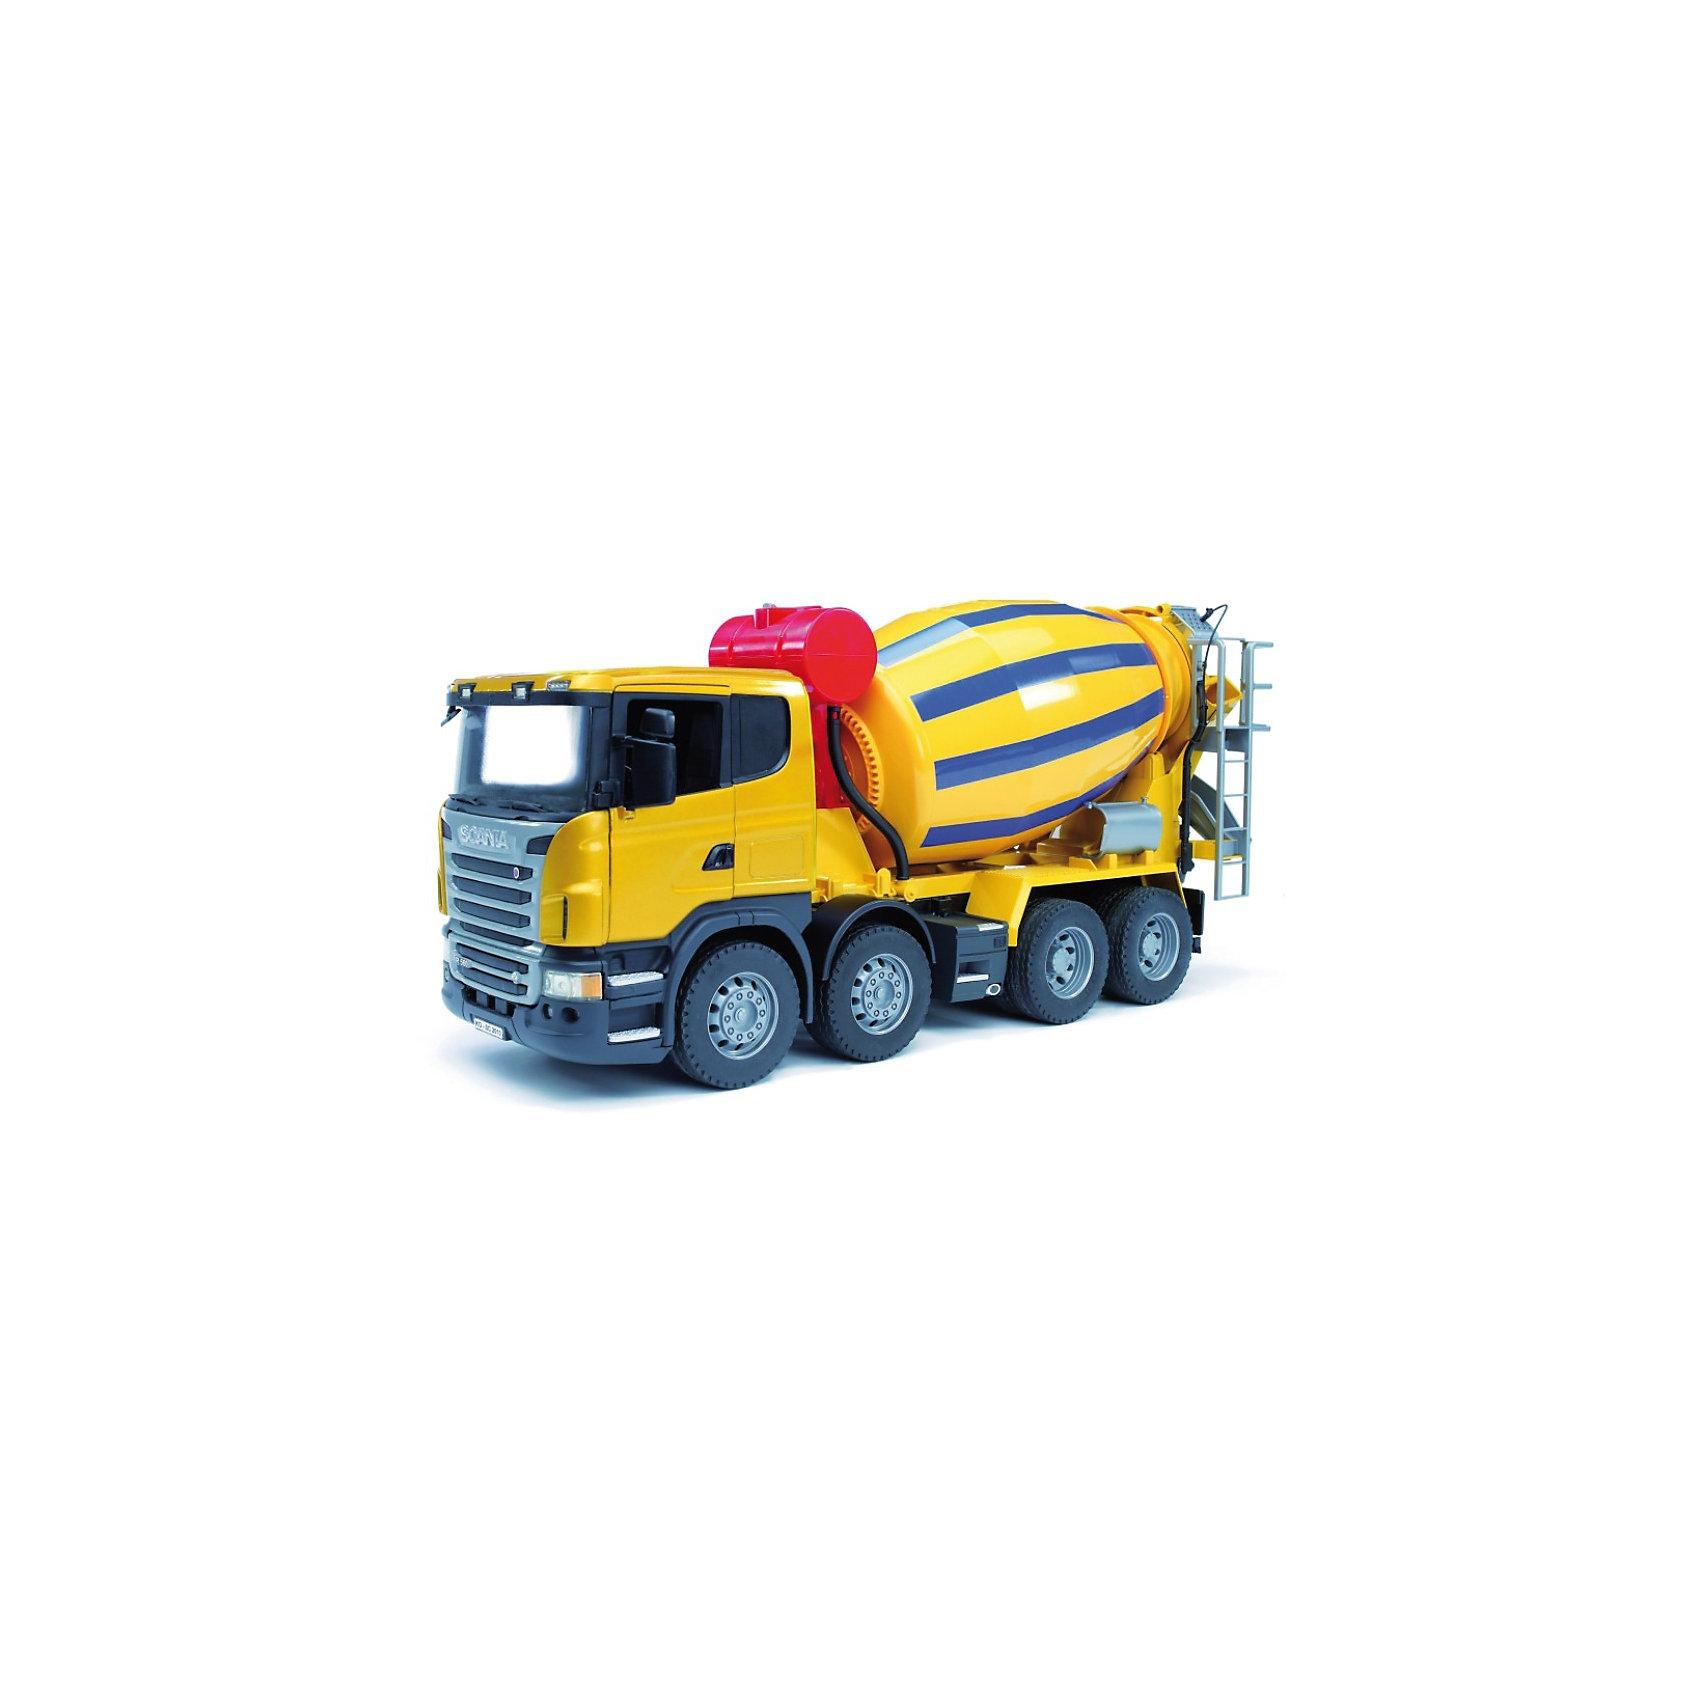 Бетономешалка Scania, BruderКоллекционные модели<br>Бетономешалка Scania (цвет жёлто-синий) Bruder со множеством функций как у настоящей строительной техники вызовет восторг как у малышей, так и у детей постарше. Автотехника Брудер отличается высоким качеством исполнения и проработкой всех деталей и представляет для ребенка большую познавательную ценность.<br><br>Кабина водителя, застекленная прозрачным пластиком оборудована вращающимся рулем (на управление не влияет), складными зеркалами и декоративными рычагами управления, двери открываются. Кабина бетономешалки откидывается, предоставляя  доступа к мощному двигателю.<br><br>Барабан бетономешалки вращается при помощи рукоятки, в него можно засыпать и смешивать сыпучие вещества, полученная смесь высыпается по желобу для раствора сзади машины. Желоб удлиняется до пола и поворачивается на 180°. За кабиной водителя размещен декоративный бак для воды с крышкой (наполнение водой не предусмотрено). Задняя часть машины оборудована лесенкой с площадкой и декоративным шлангом с насадкой.<br> <br>Колёса бетономешалки резиновые с протекторами.<br><br>Дополнительная информация:<br><br>- Материал: высококачественный пластик, резина. <br>- Размер игрушки:  57,5 x 18,5 x 27,3 см. <br>- Размер упаковки: 58 х 19,5 х 28,5 см.<br>- Вес: 2,4 кг.<br><br>Игровая техника Брудер развивает у ребенка логическое мышление и воображение, мелкую моторику, зрительное восприятие и память.<br><br>Бетономешалка Scania Bruder можно купить в нашем интернет-магазине.<br><br>Ширина мм: 667<br>Глубина мм: 198<br>Высота мм: 294<br>Вес г: 2755<br>Возраст от месяцев: 36<br>Возраст до месяцев: 96<br>Пол: Мужской<br>Возраст: Детский<br>SKU: 1999715